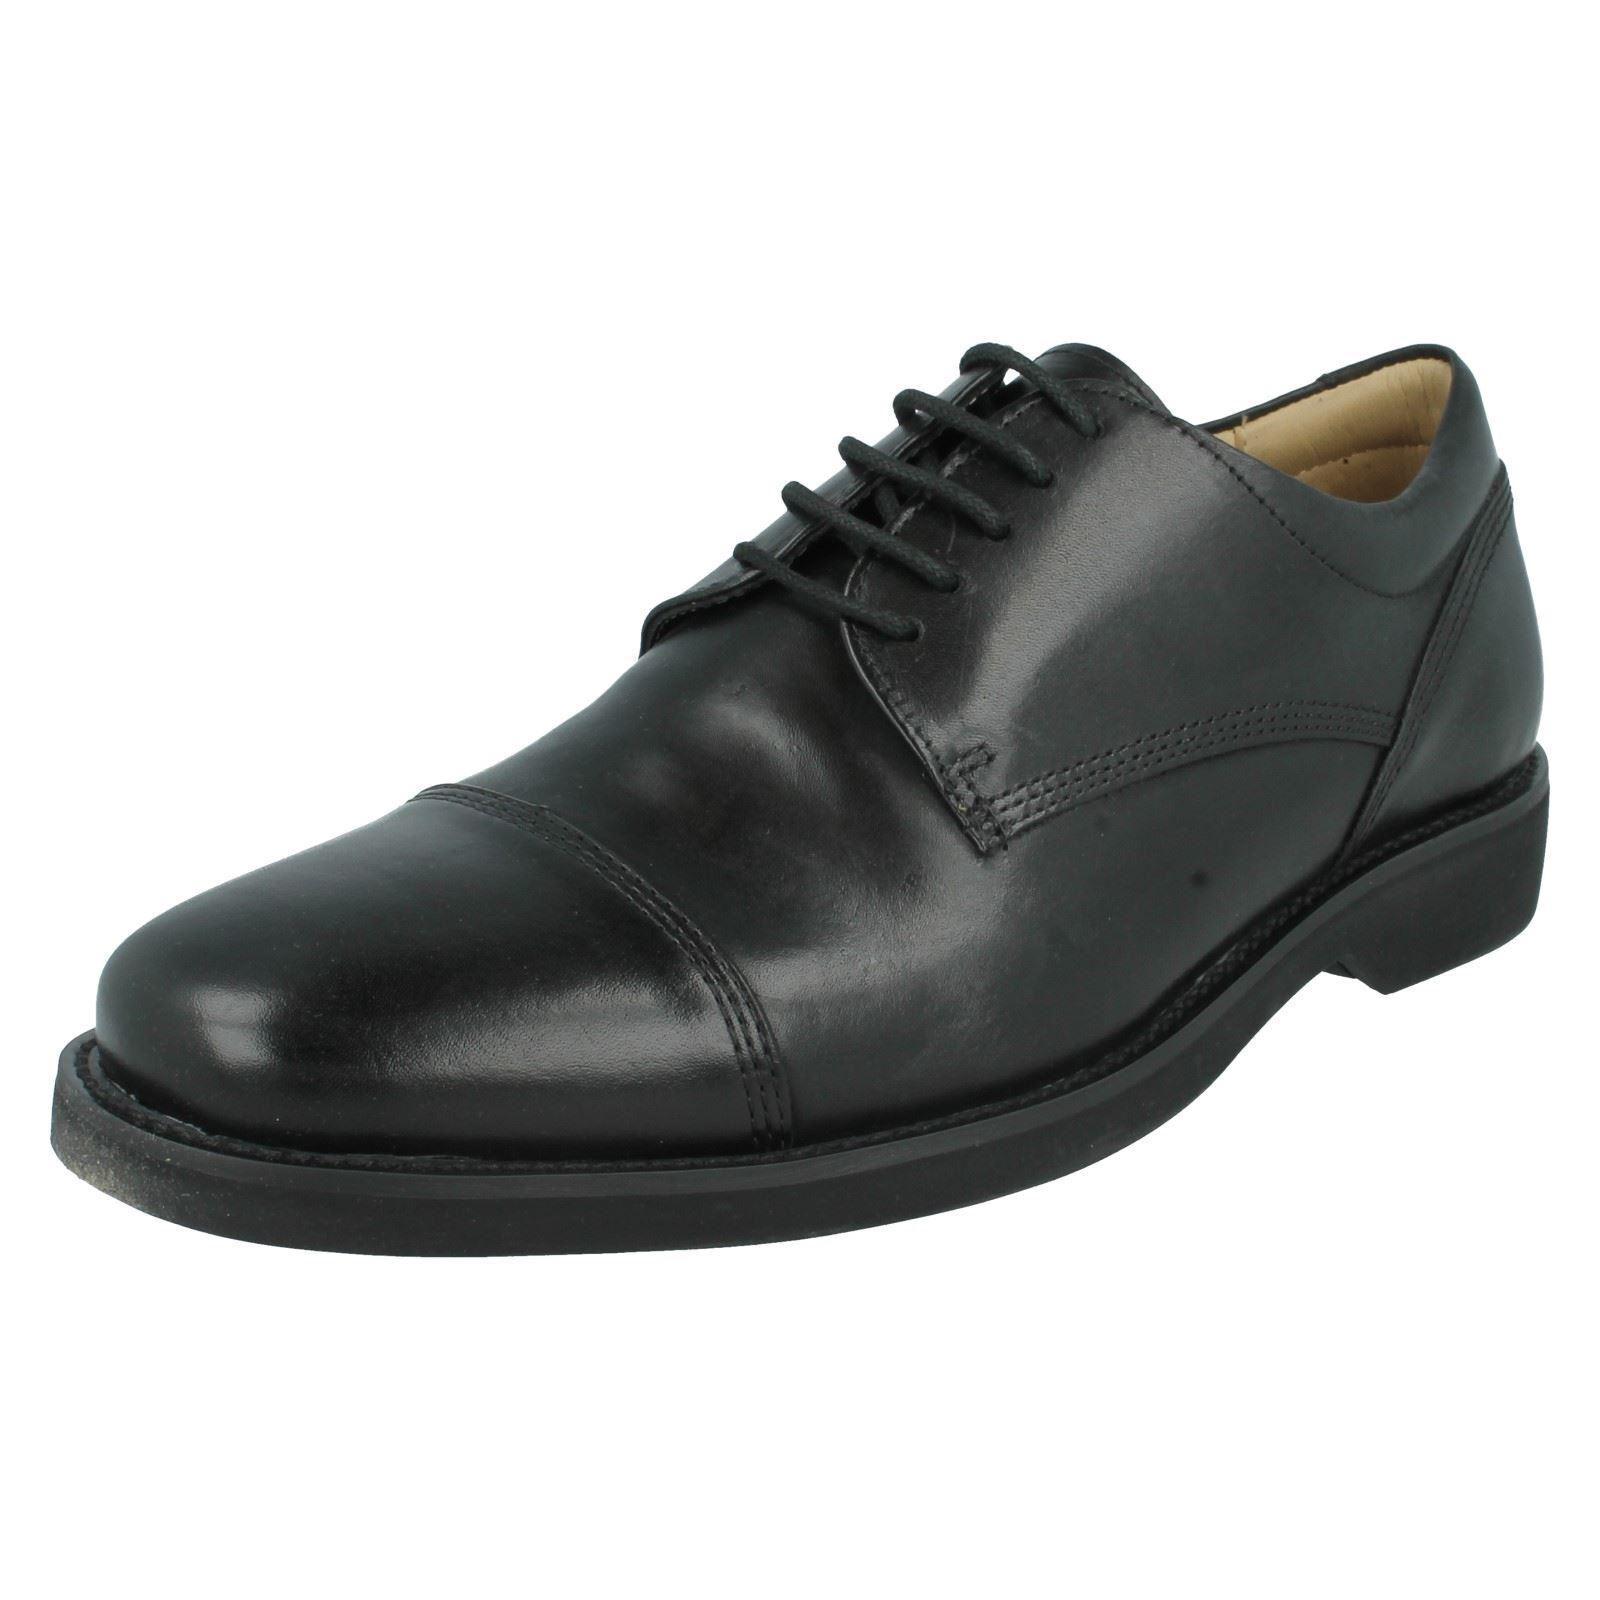 Zapatos de mujer baratos zapatos de mujer Anatomic&Co 'abatia' Hombre Elegante Negro Cuero Ligero Zapatos Con Cordones